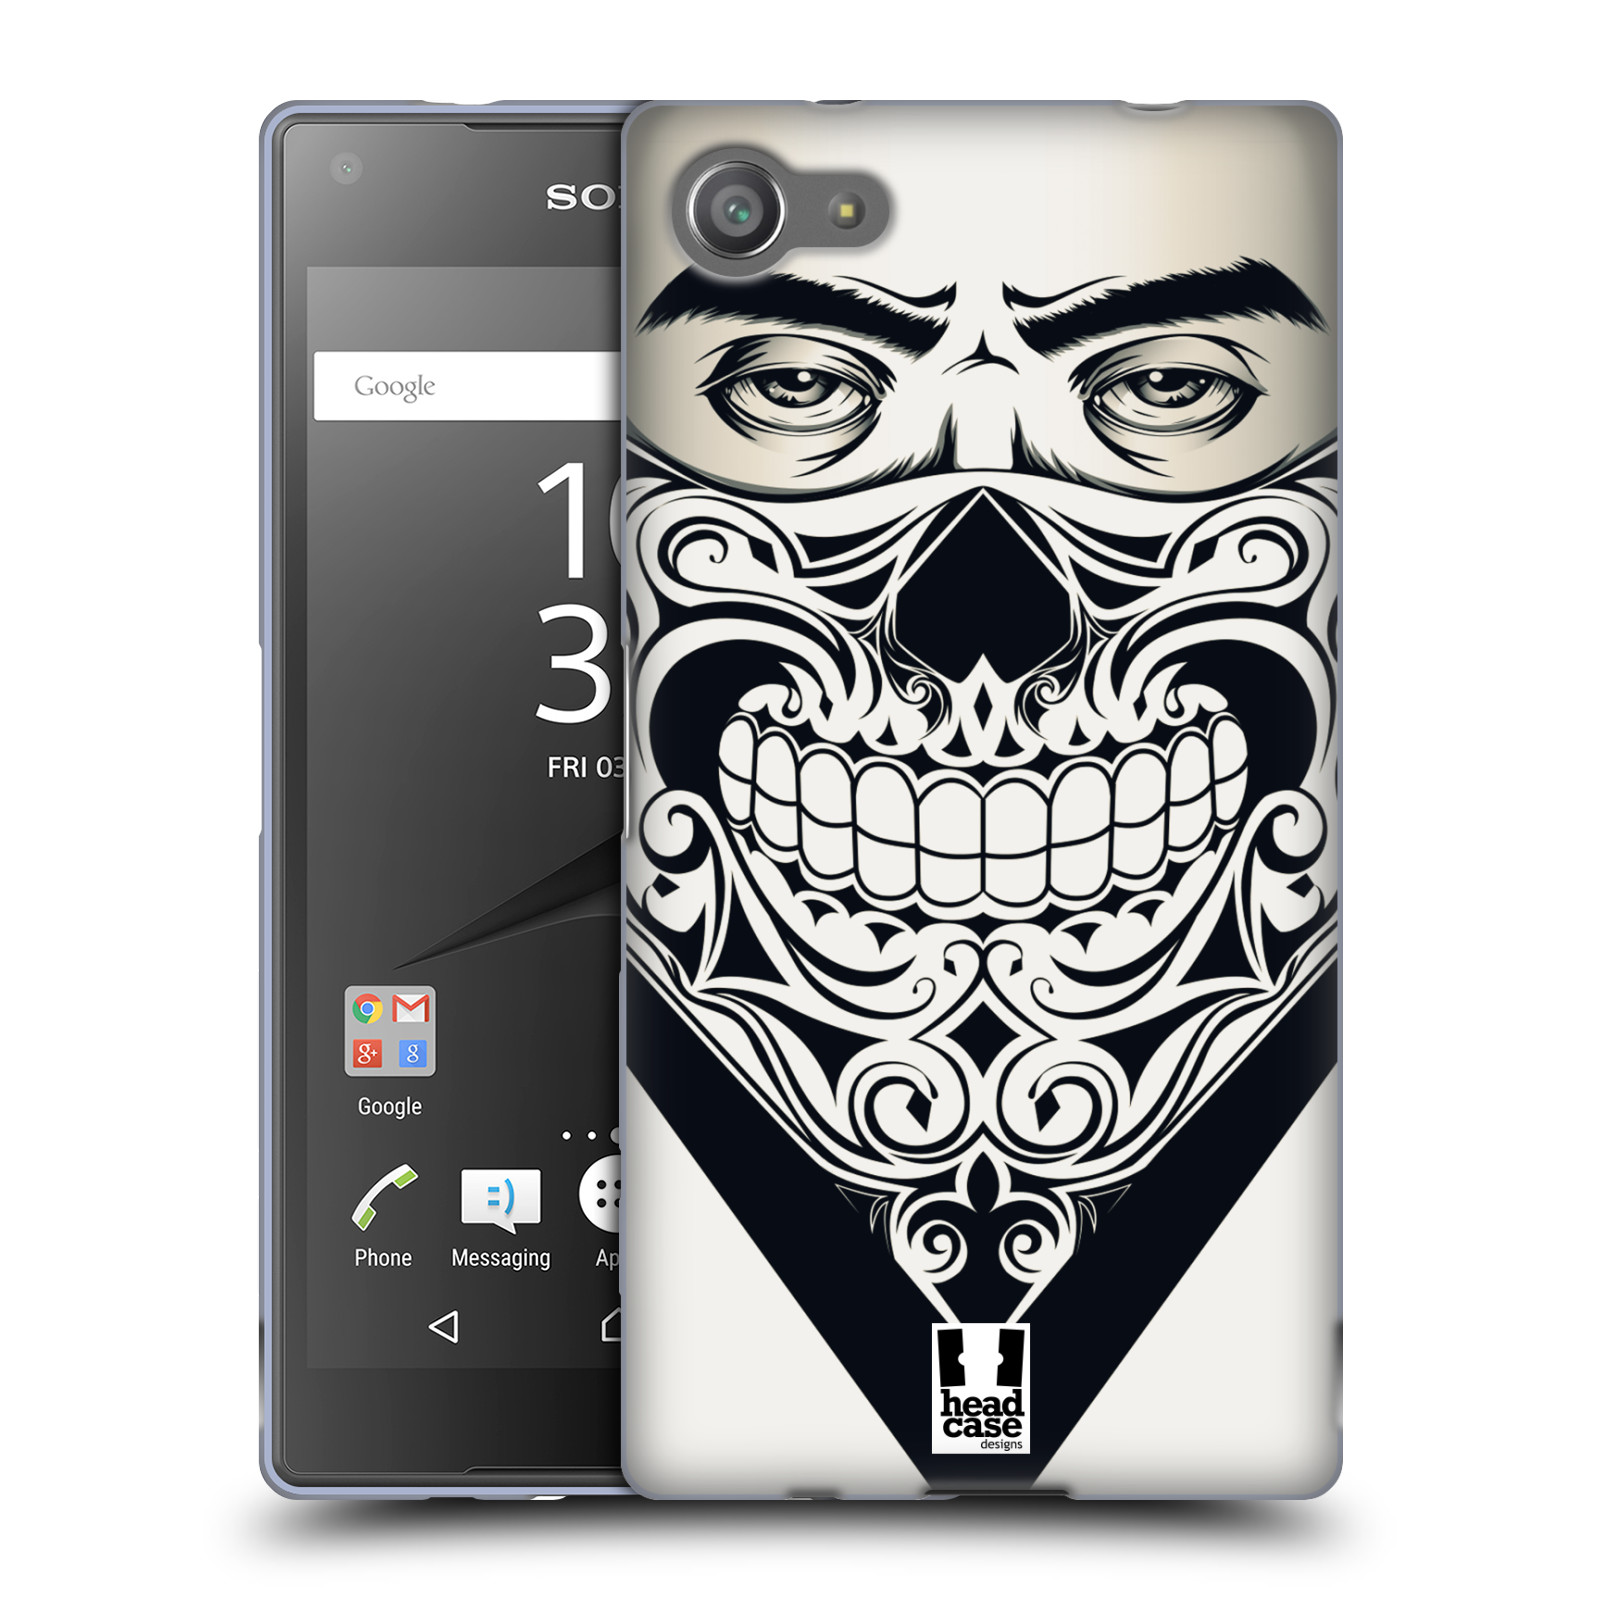 Silikonové pouzdro na mobil Sony Xperia Z5 Compact HEAD CASE LEBKA BANDANA